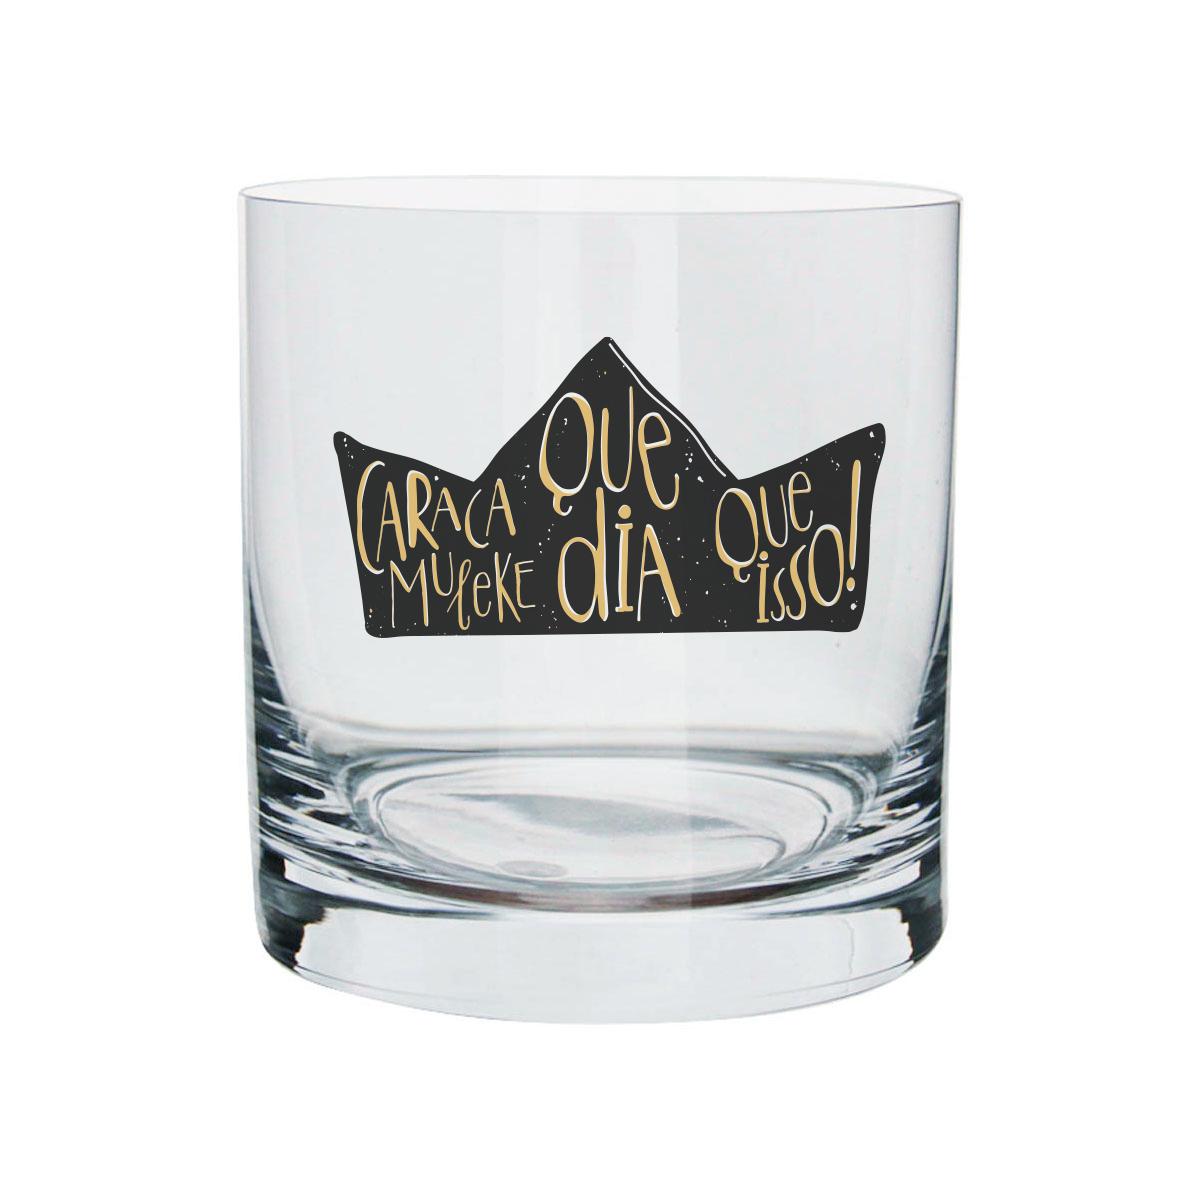 Copo Para Whisky Thiaguinho Caraca Muleke!